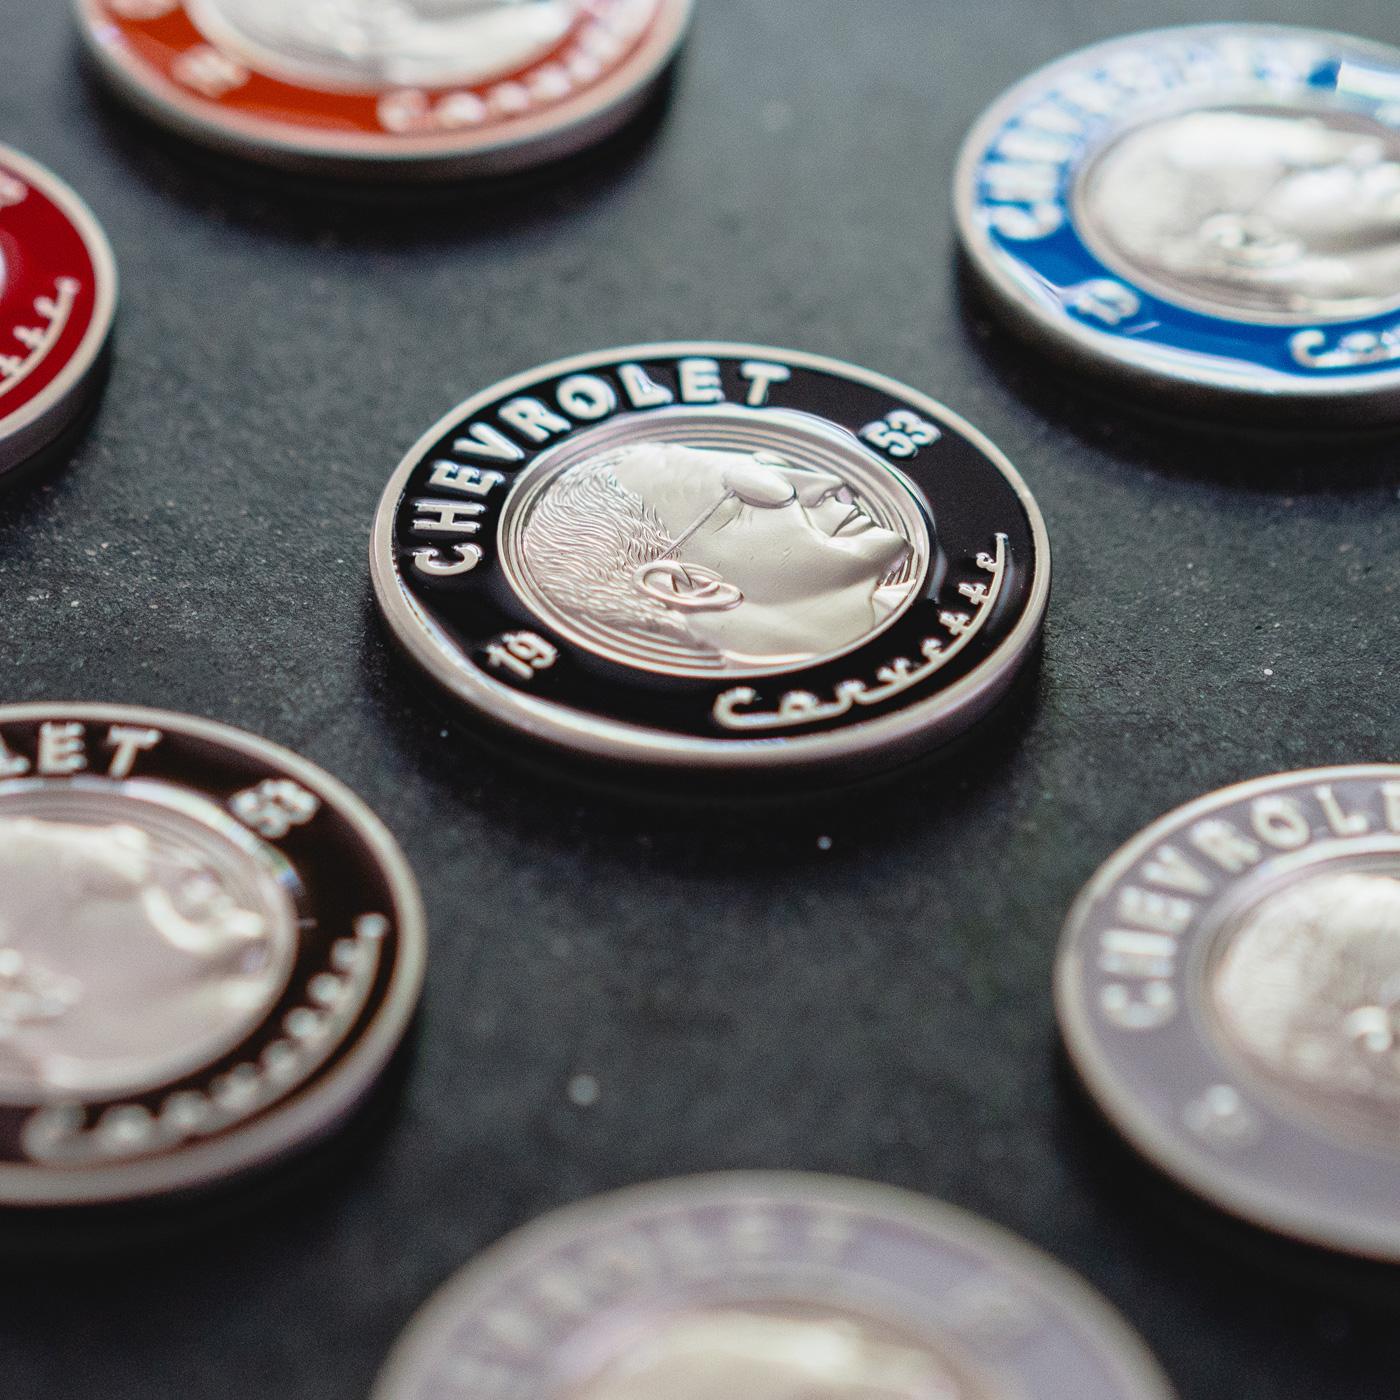 Chevrolet: Corvette Coin